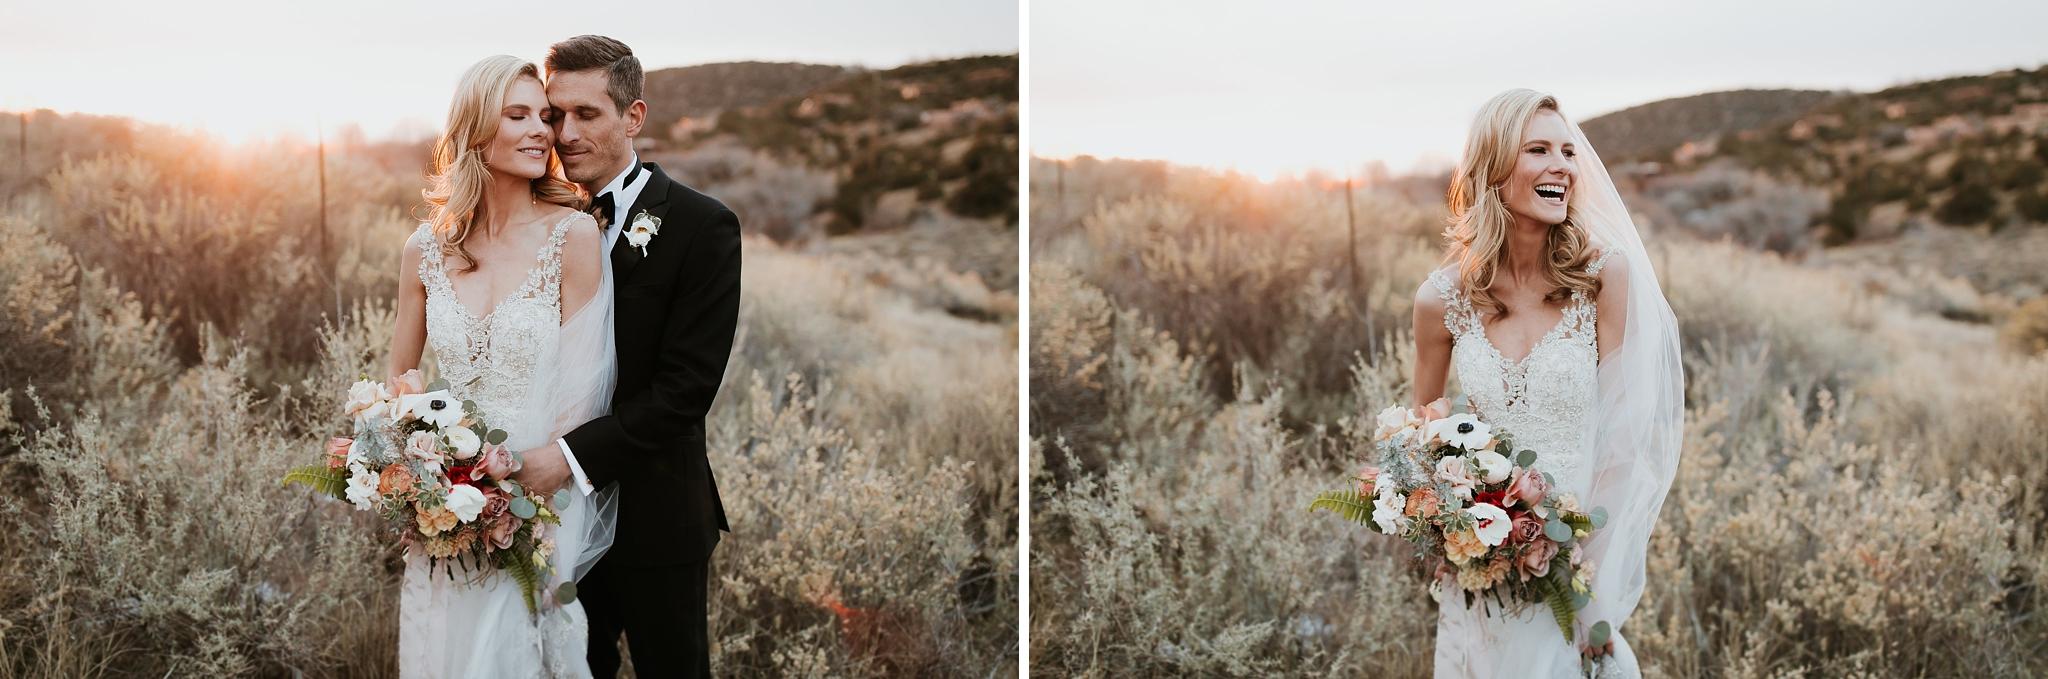 Alicia+lucia+photography+-+albuquerque+wedding+photographer+-+santa+fe+wedding+photography+-+new+mexico+wedding+photographer+-+new+mexico+wedding+-+new+mexico+wedding+-+new+mexico+mua+hairstylist+-+genica+lee+hair+makeup_0013.jpg